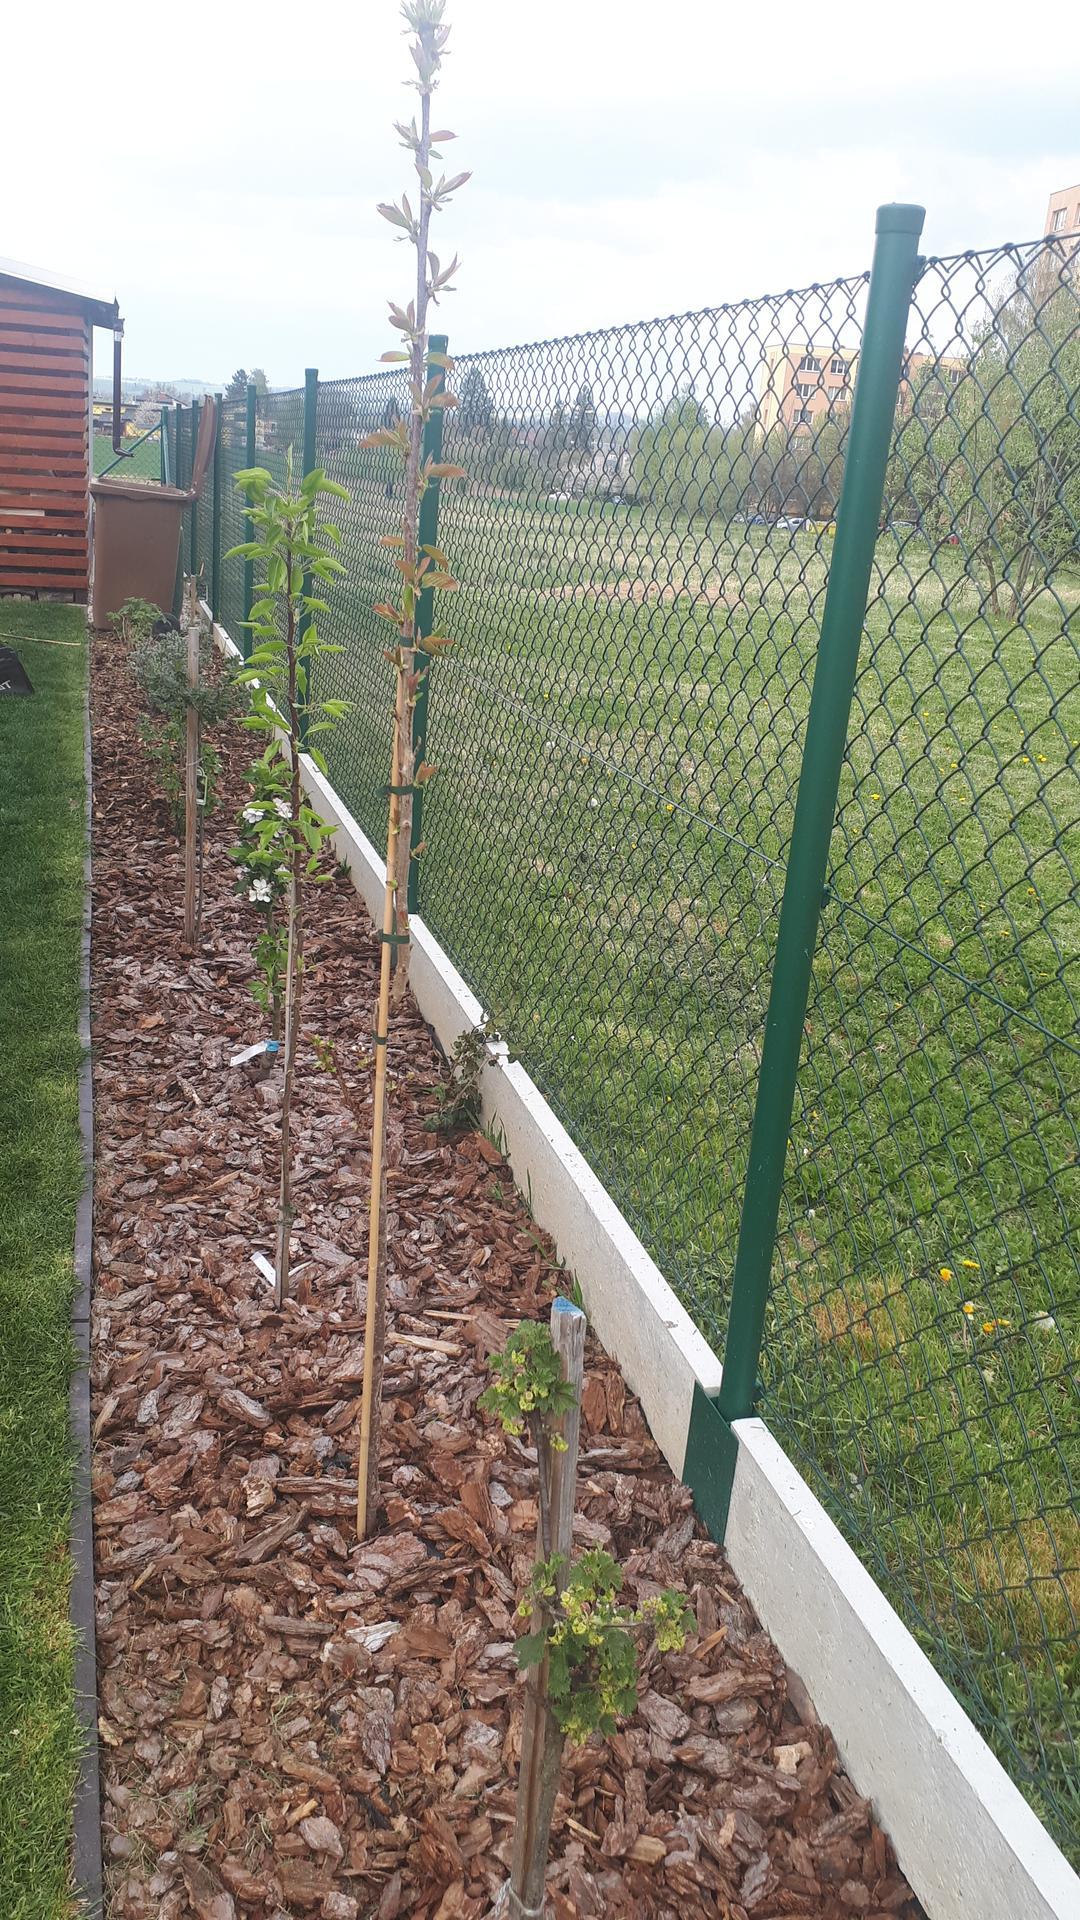 Kozel zahradníkem... aneb zkoušíme to sami! Rok 3. - Užitkový záhon... rybí, angrešt, rakytník, maliny a zkoušíme sloupové stromky... jabloň, hrušeň a třešeň